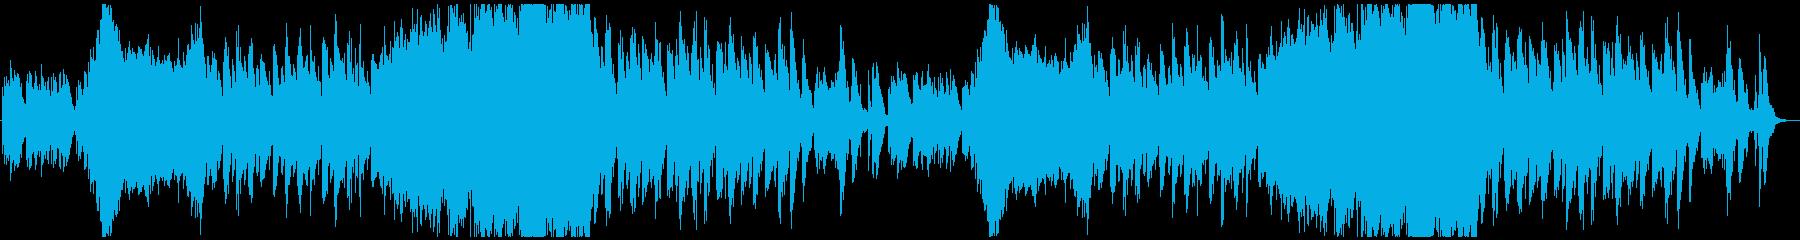 不吉で不気味、壮大なハロウィーン系ワルツの再生済みの波形